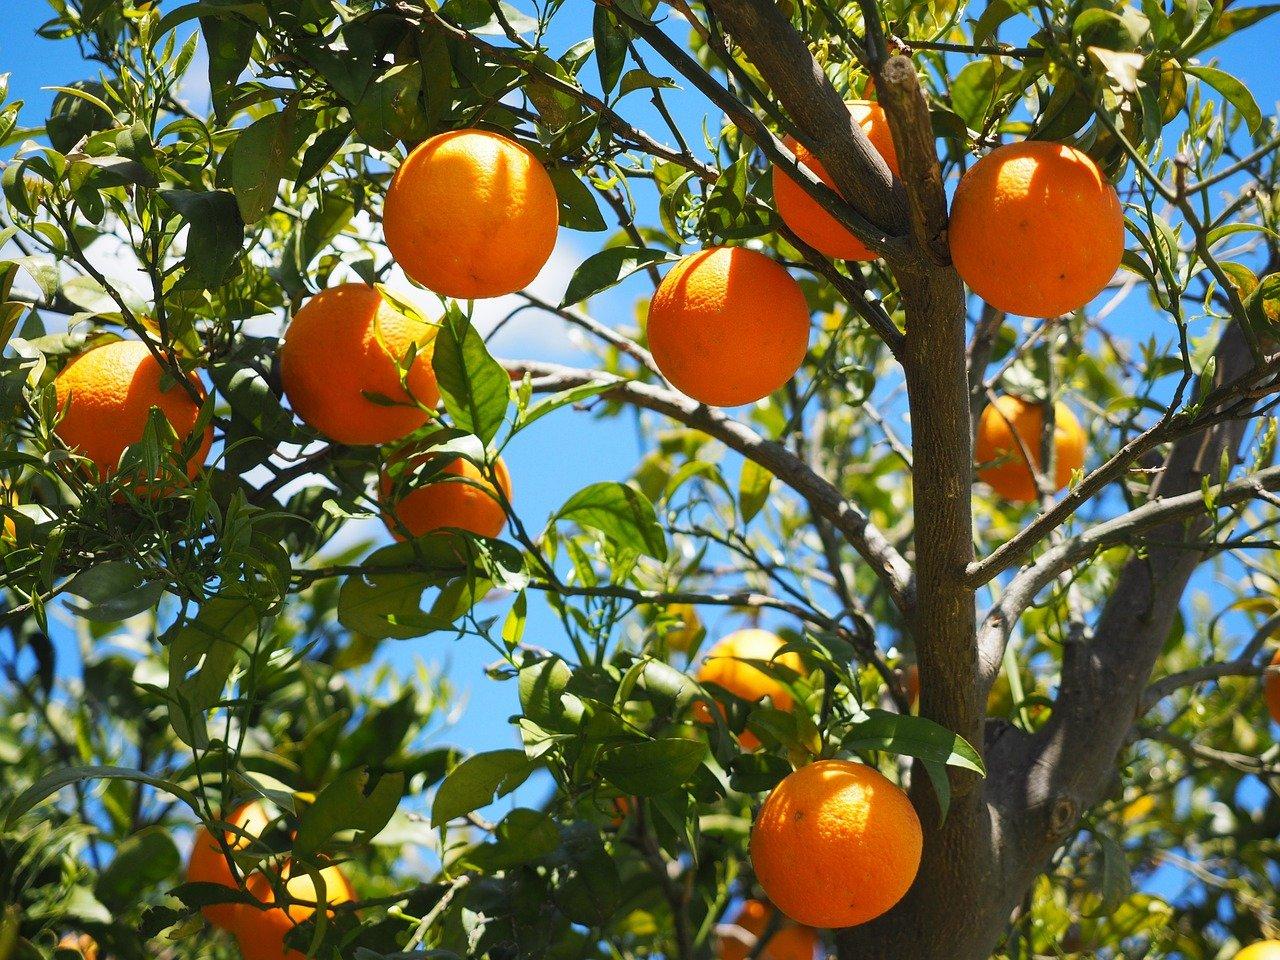 cueillir fruits voisin jardin mitoyen